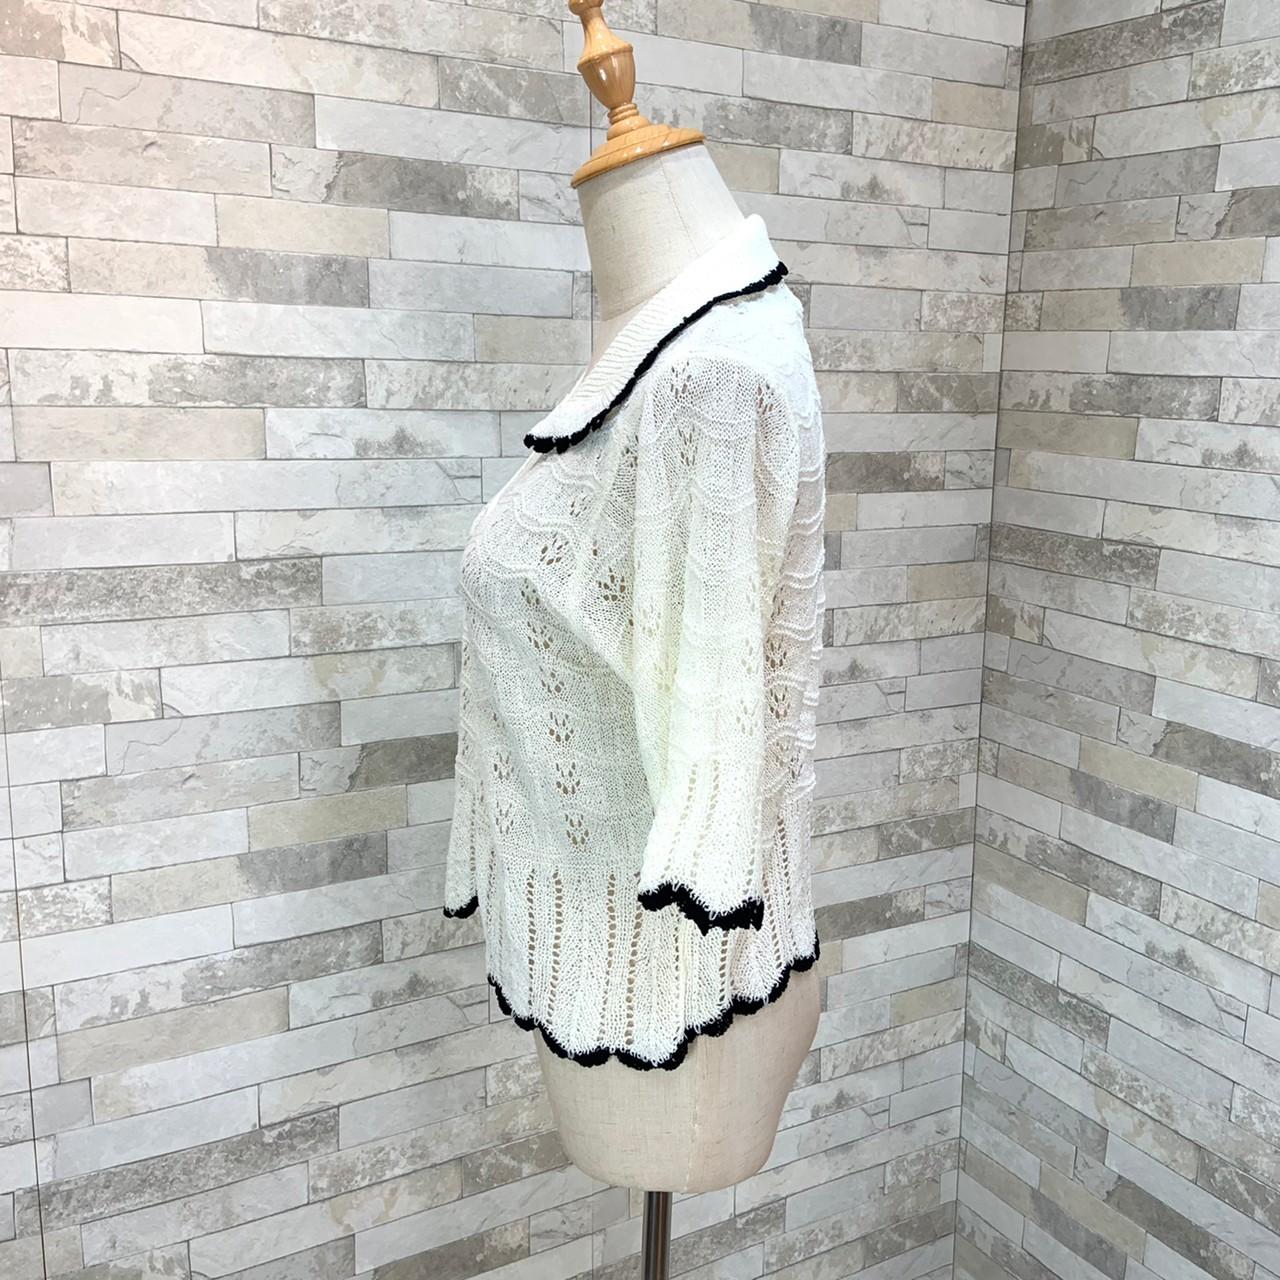 韓国 ファッション トップス カーディガン 春 夏 カジュアル PTXK870  透かし編みニット モノトーン 七分袖 オルチャン シンプル 定番 セレカジの写真11枚目